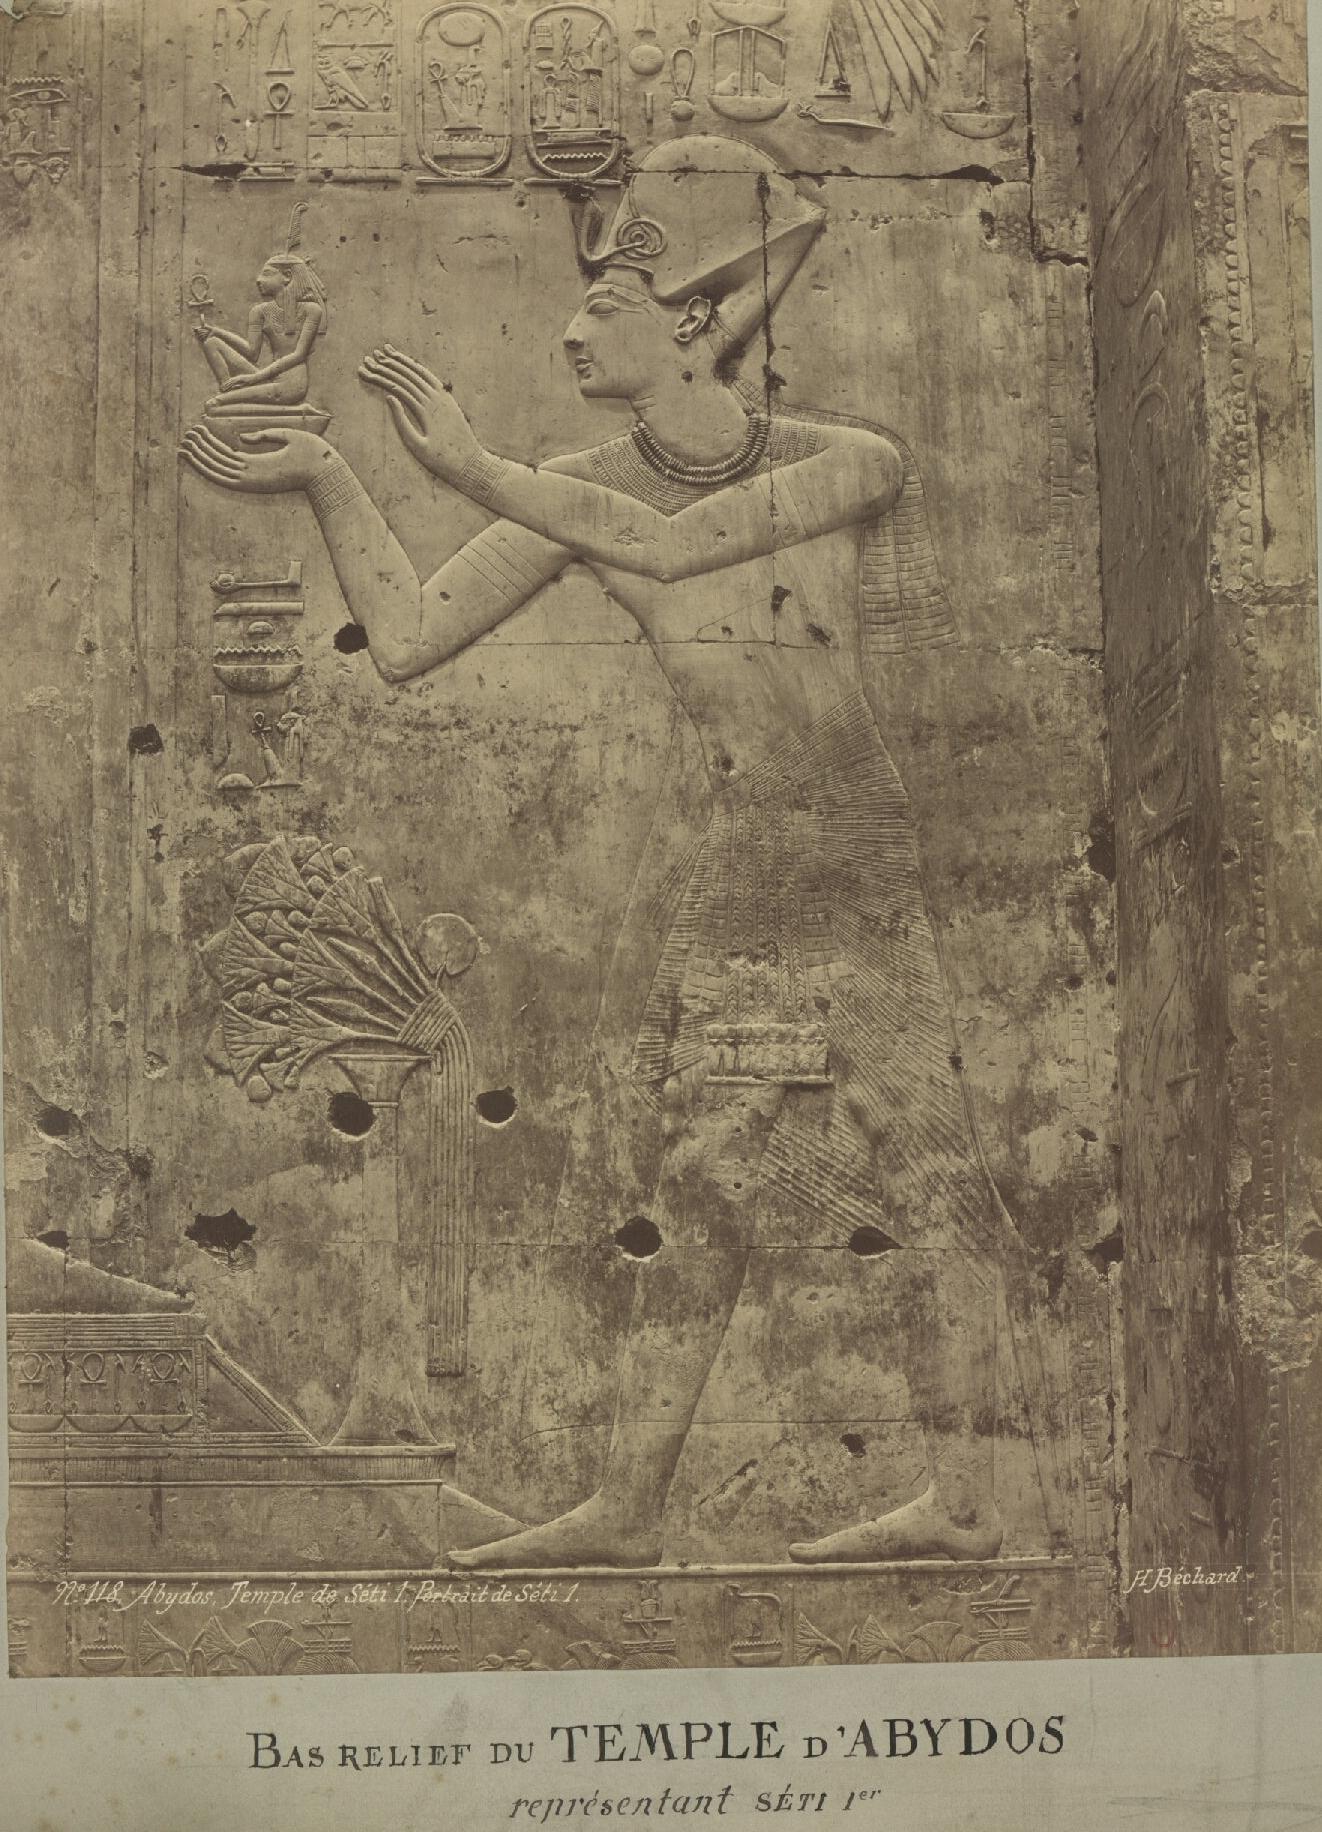 Абидос. Барельеф храма с изображением Сети I